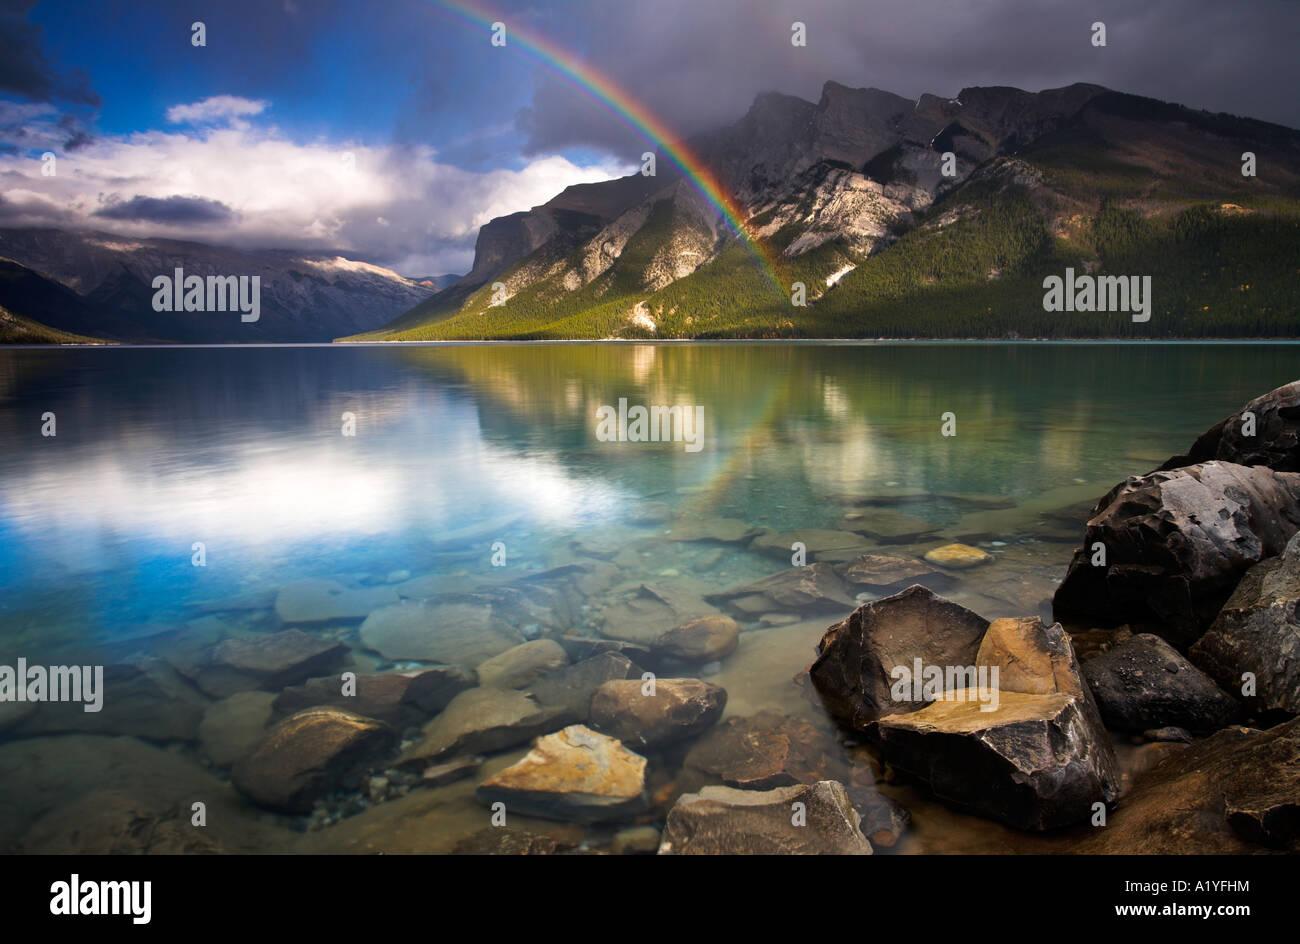 Arcobaleno sul Lago Minnewanka, il Parco Nazionale di Banff, Alberta, Canada Immagini Stock